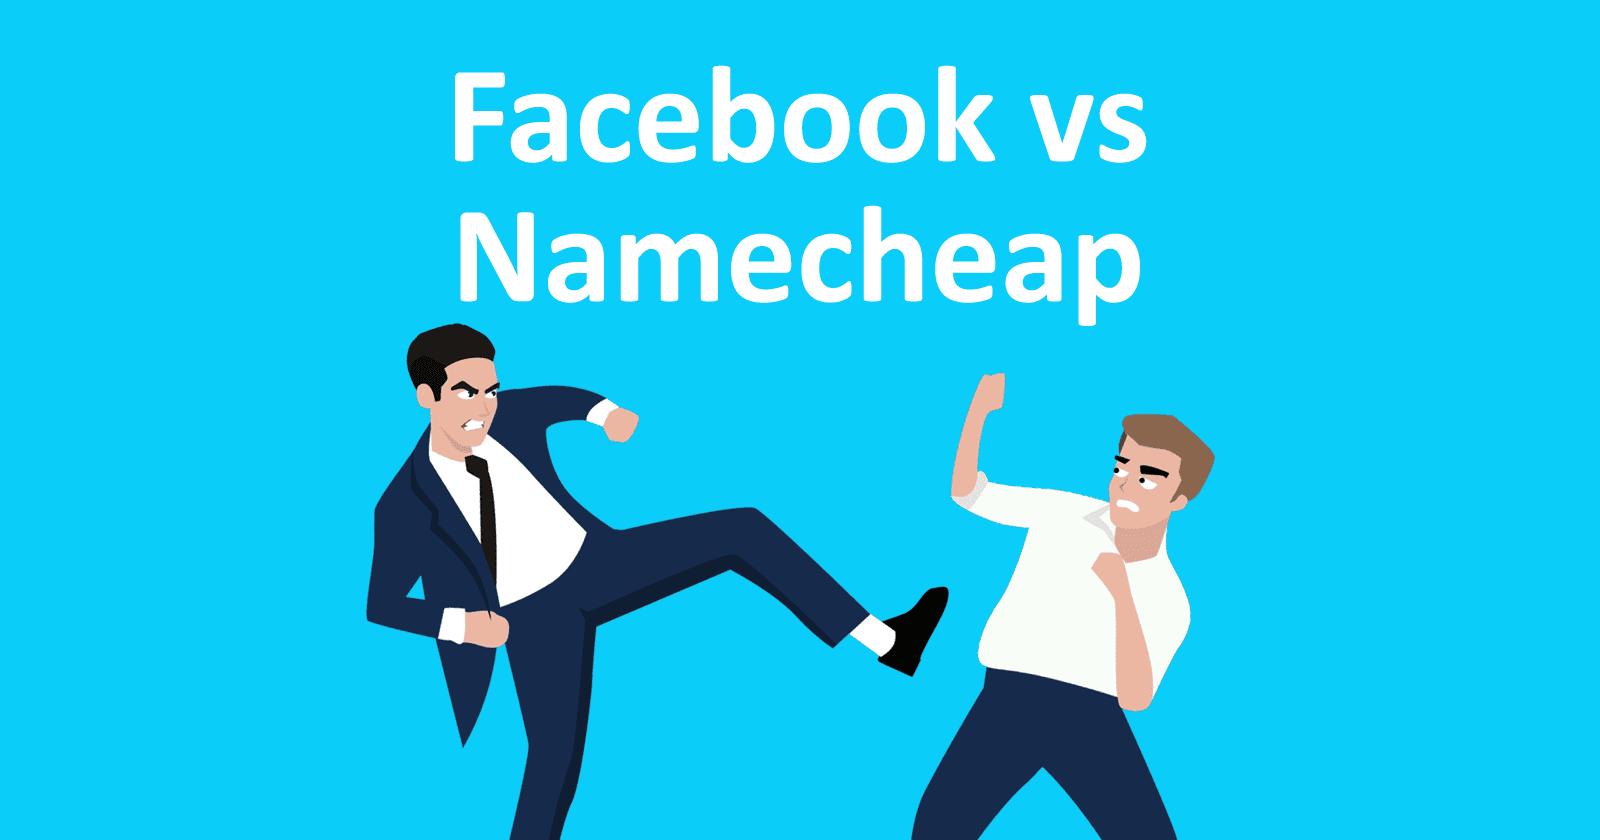 Facebook Bộ đồ Namecheap cho trò chơi điện tử 2